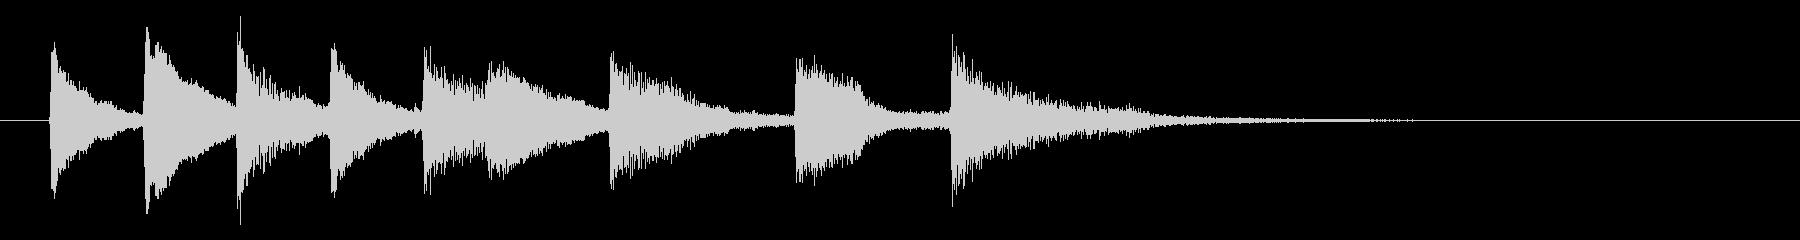 おしゃれなピアノジングル、サウンドロゴの未再生の波形